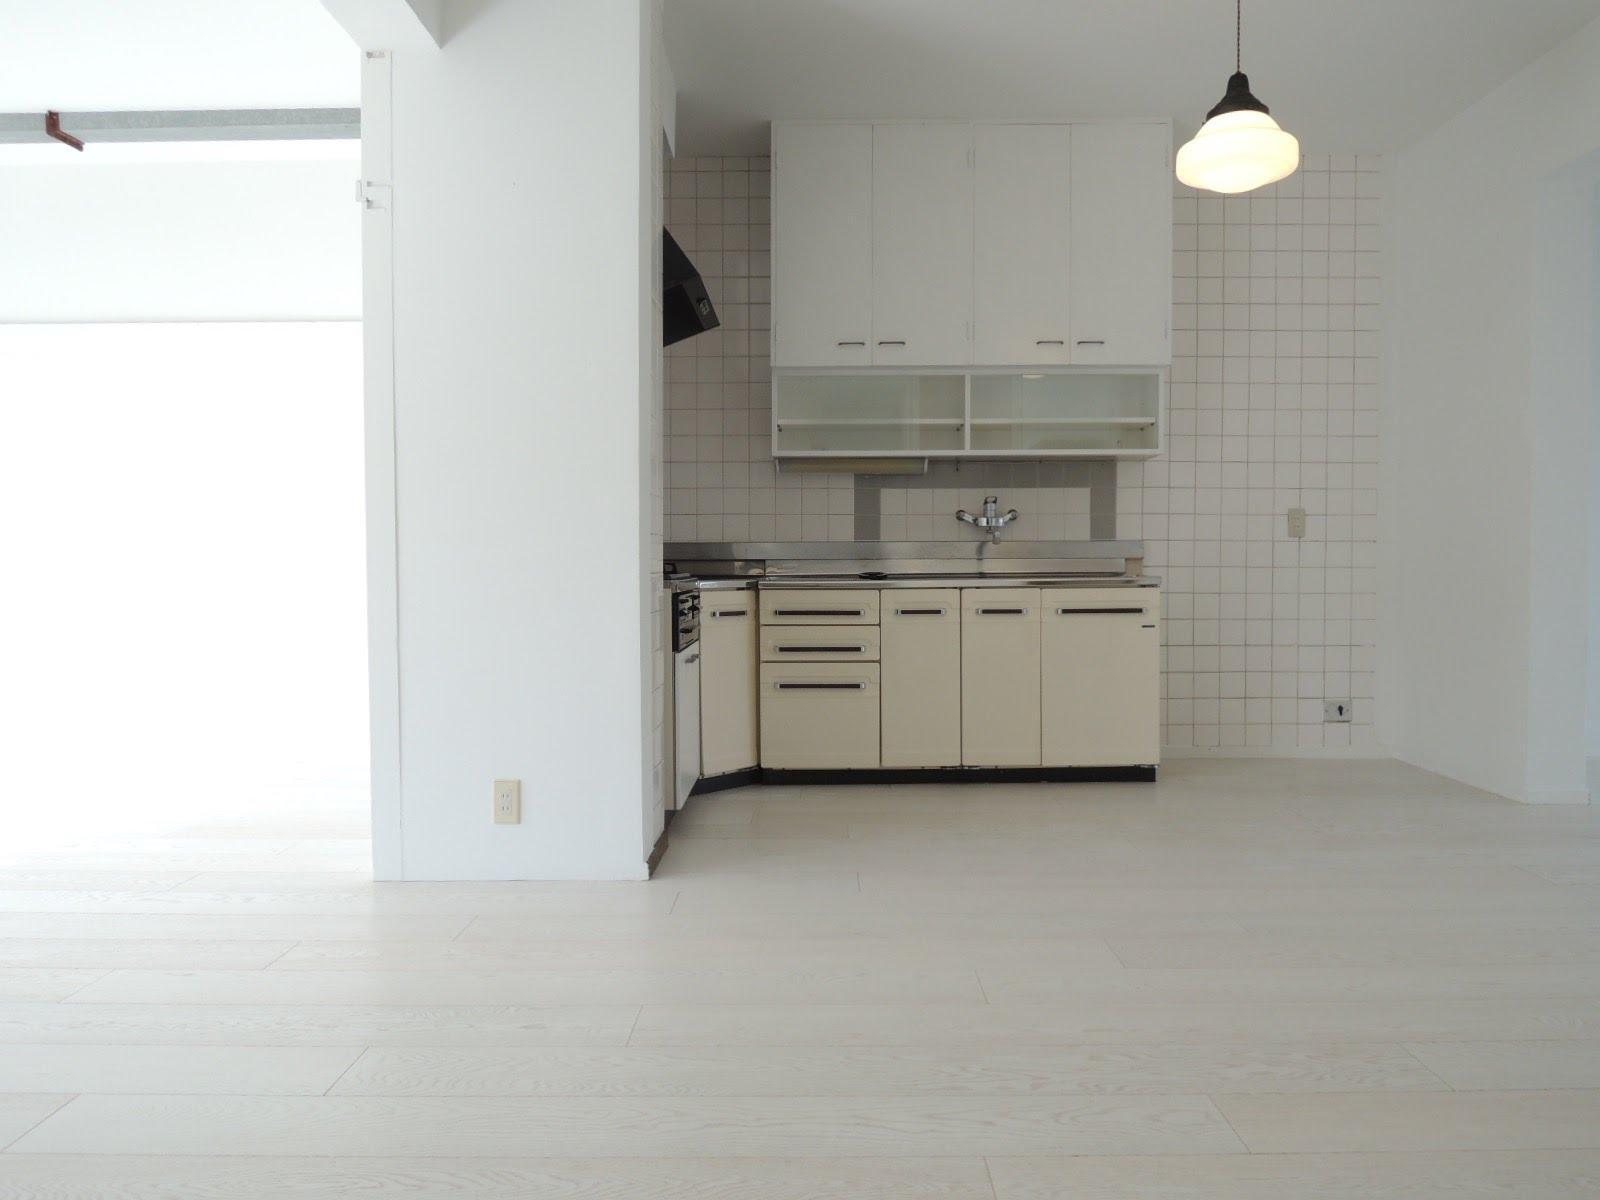 レトロなL字のキッチンのあるスペース